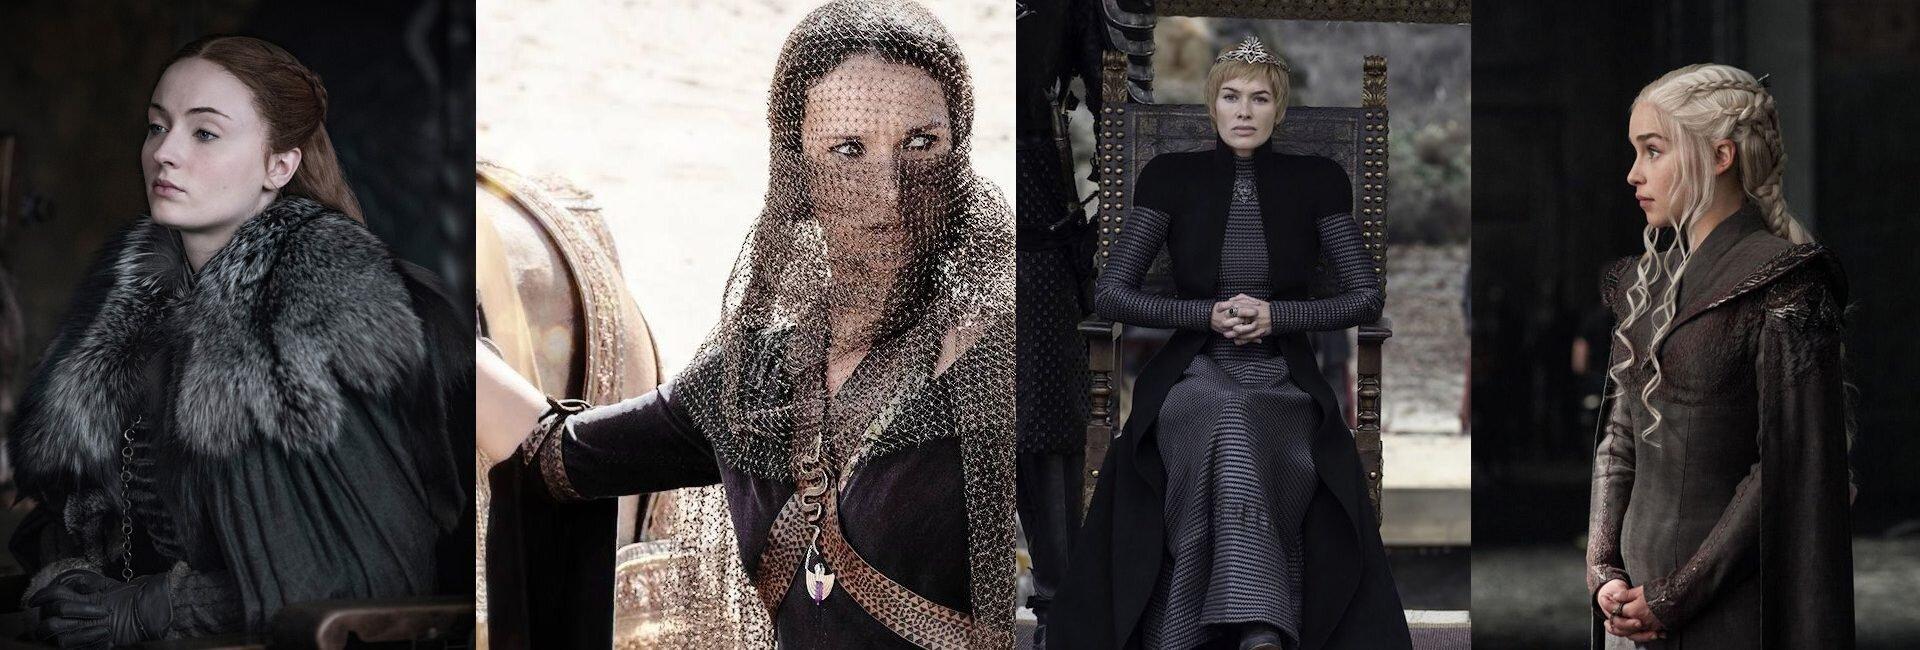 Najlepsze kostiumy z Gry o Tron